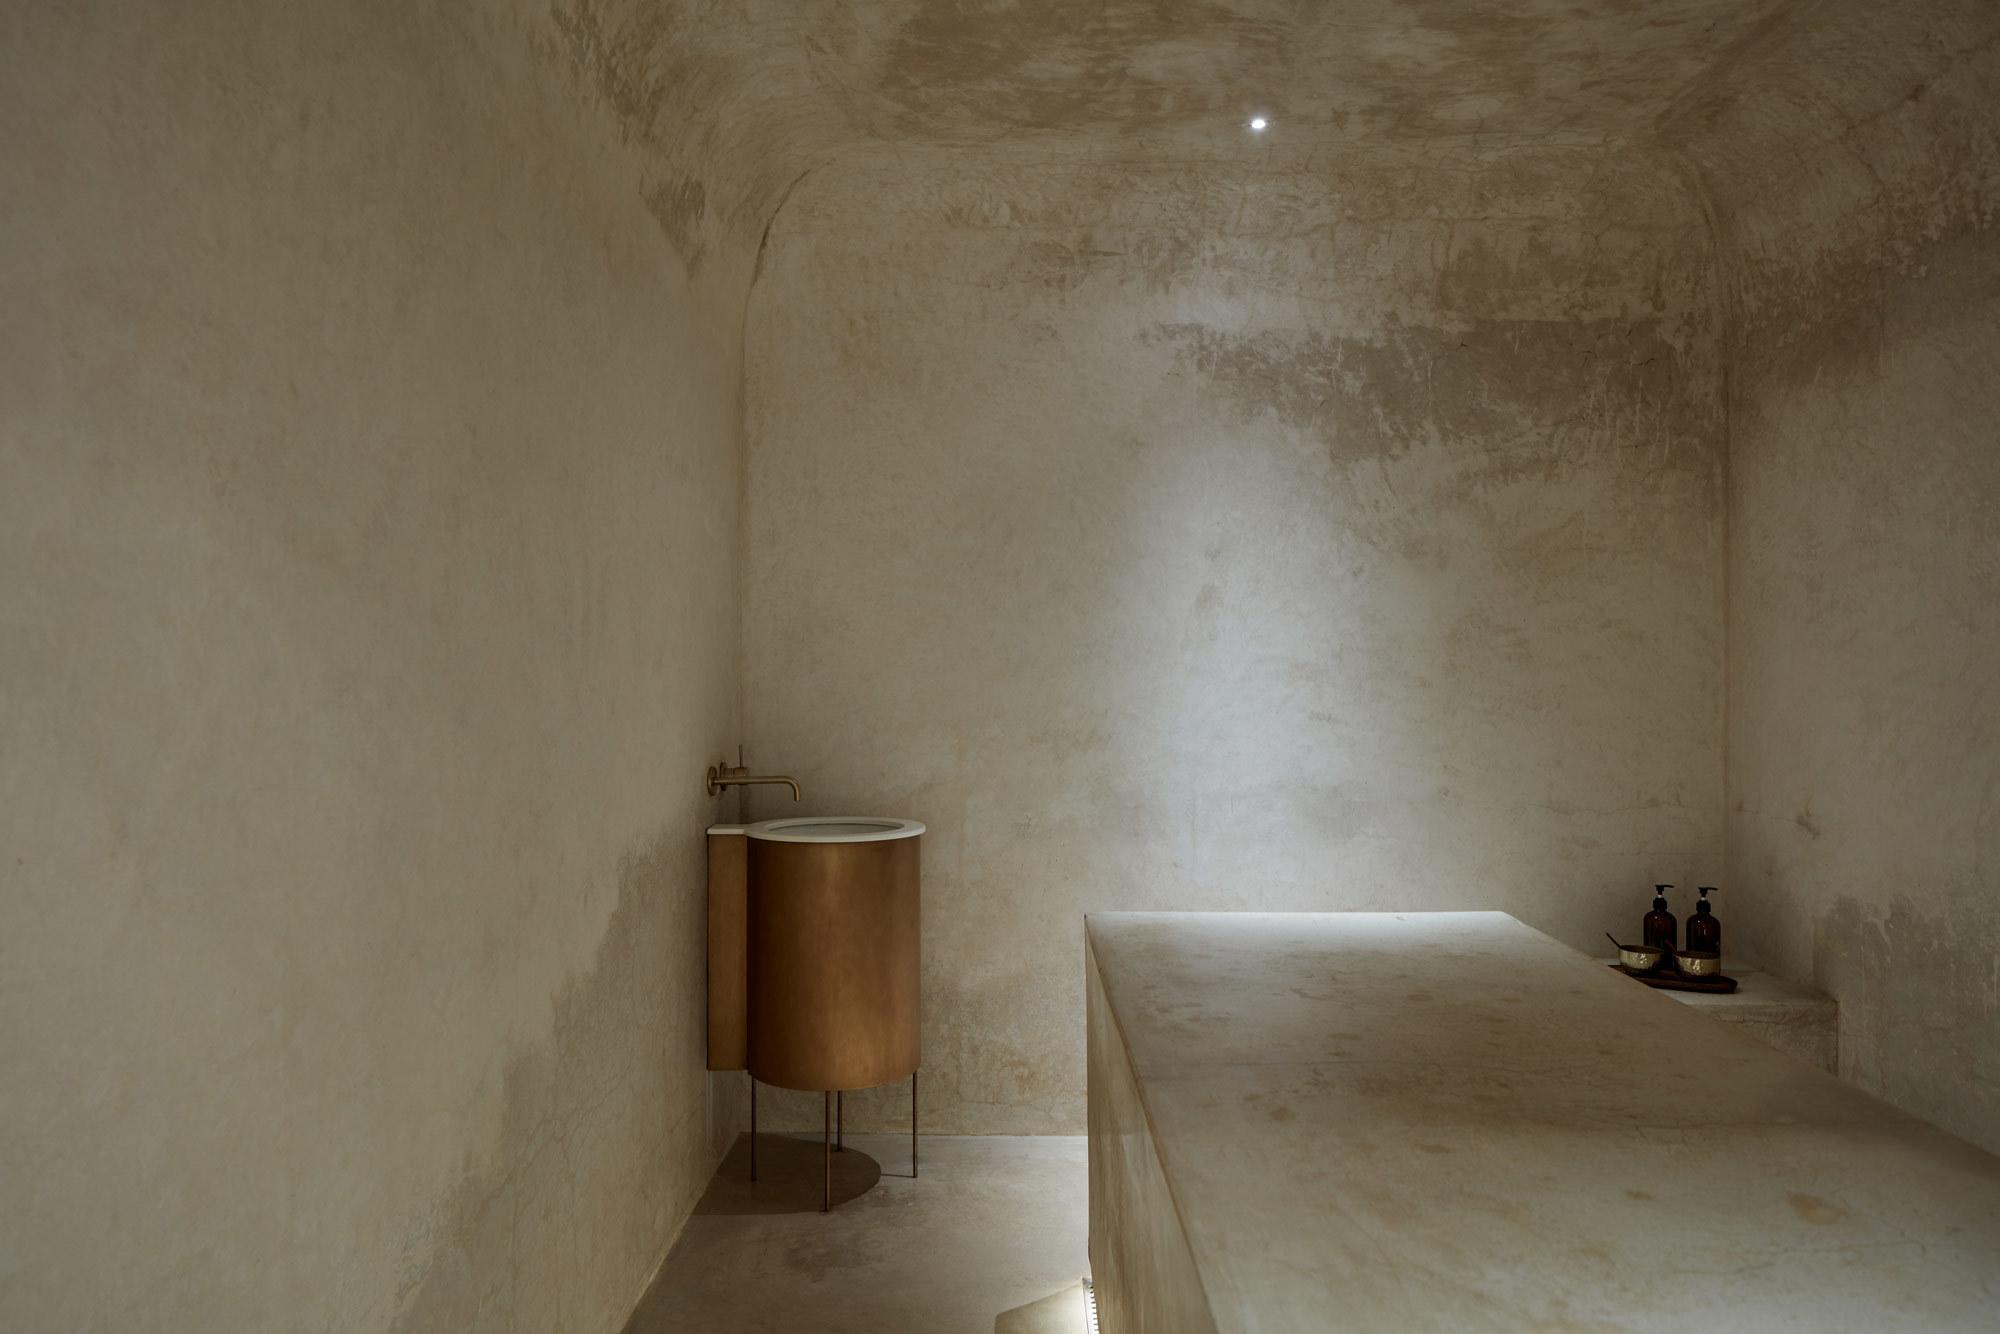 VSHD Design ließ in einem Spa in Dubai marokkanische Einflüsse auf minimalistische Einfachheit treffen, um für Entspannung und Ruhe bei den Gästen zu sorgen.